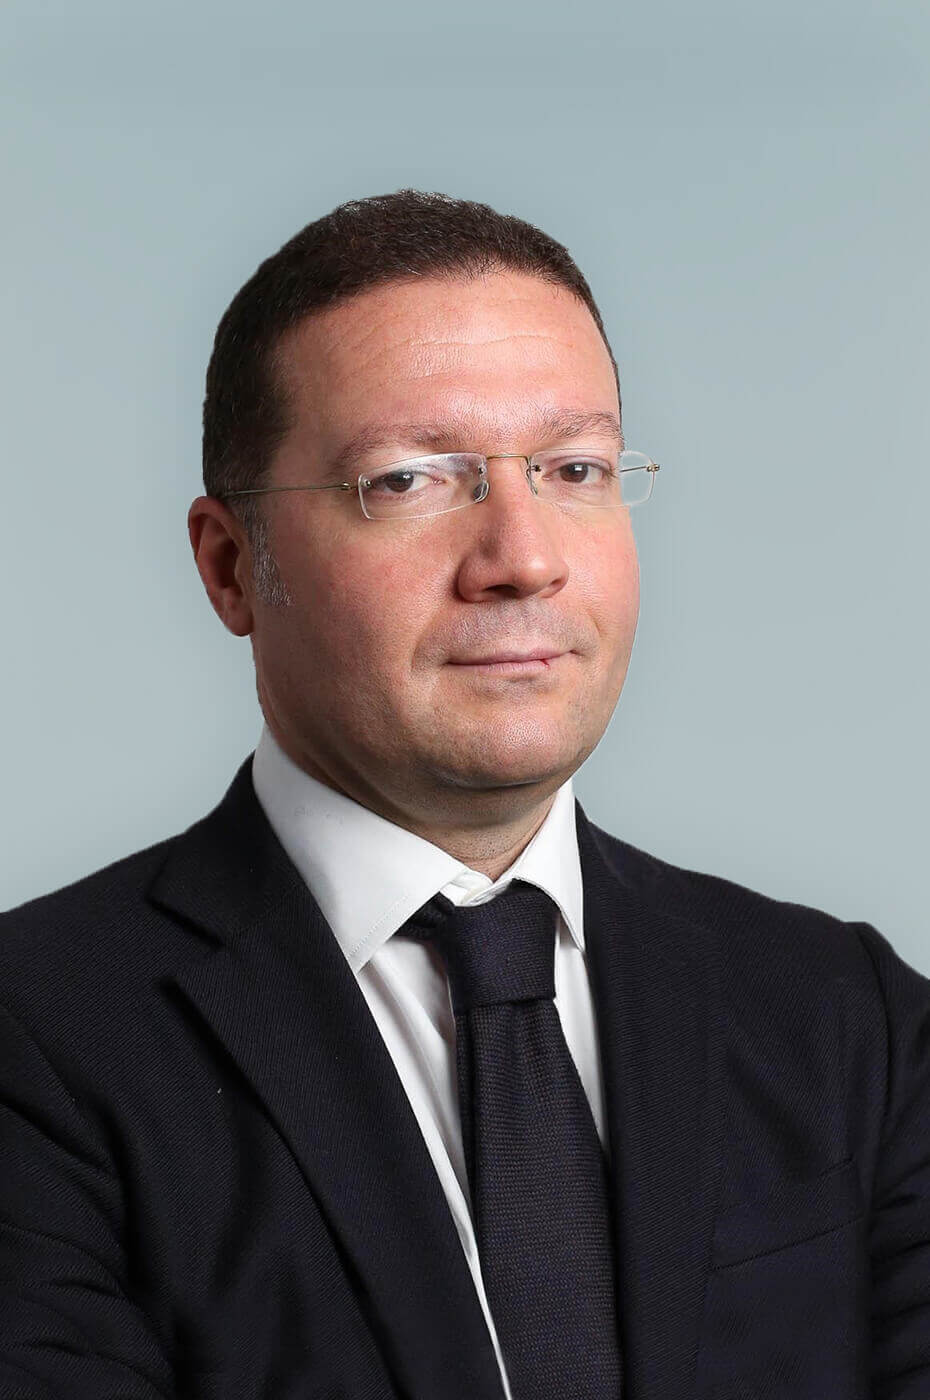 Lorenzo Savi : Vorstandsmitglied von Abalone Asset Management und Abalone Services